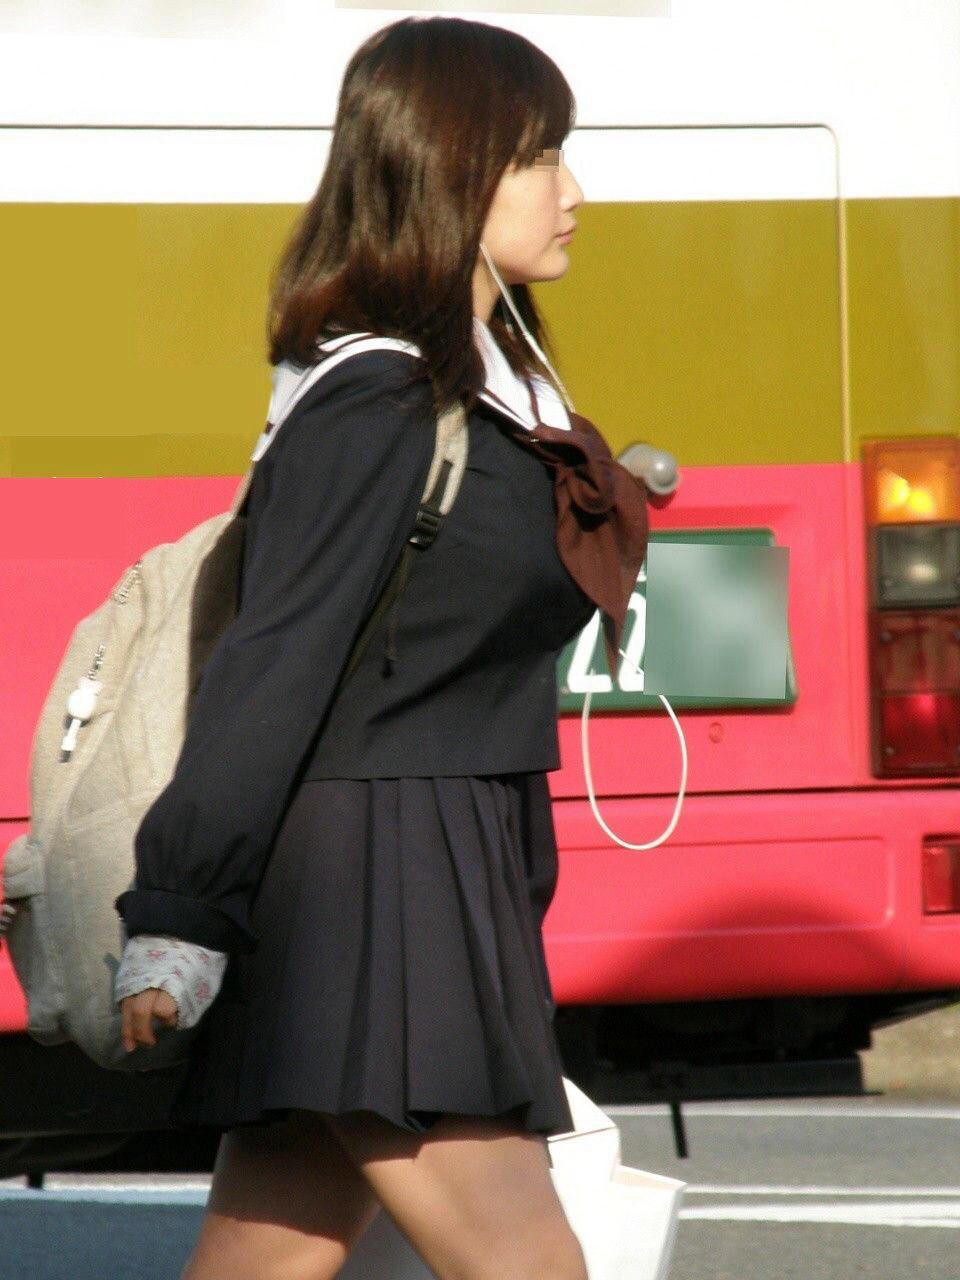 【リアルJKの着衣巨乳】けしからん程盛り上がった制服の膨らみが堪らんwwwww